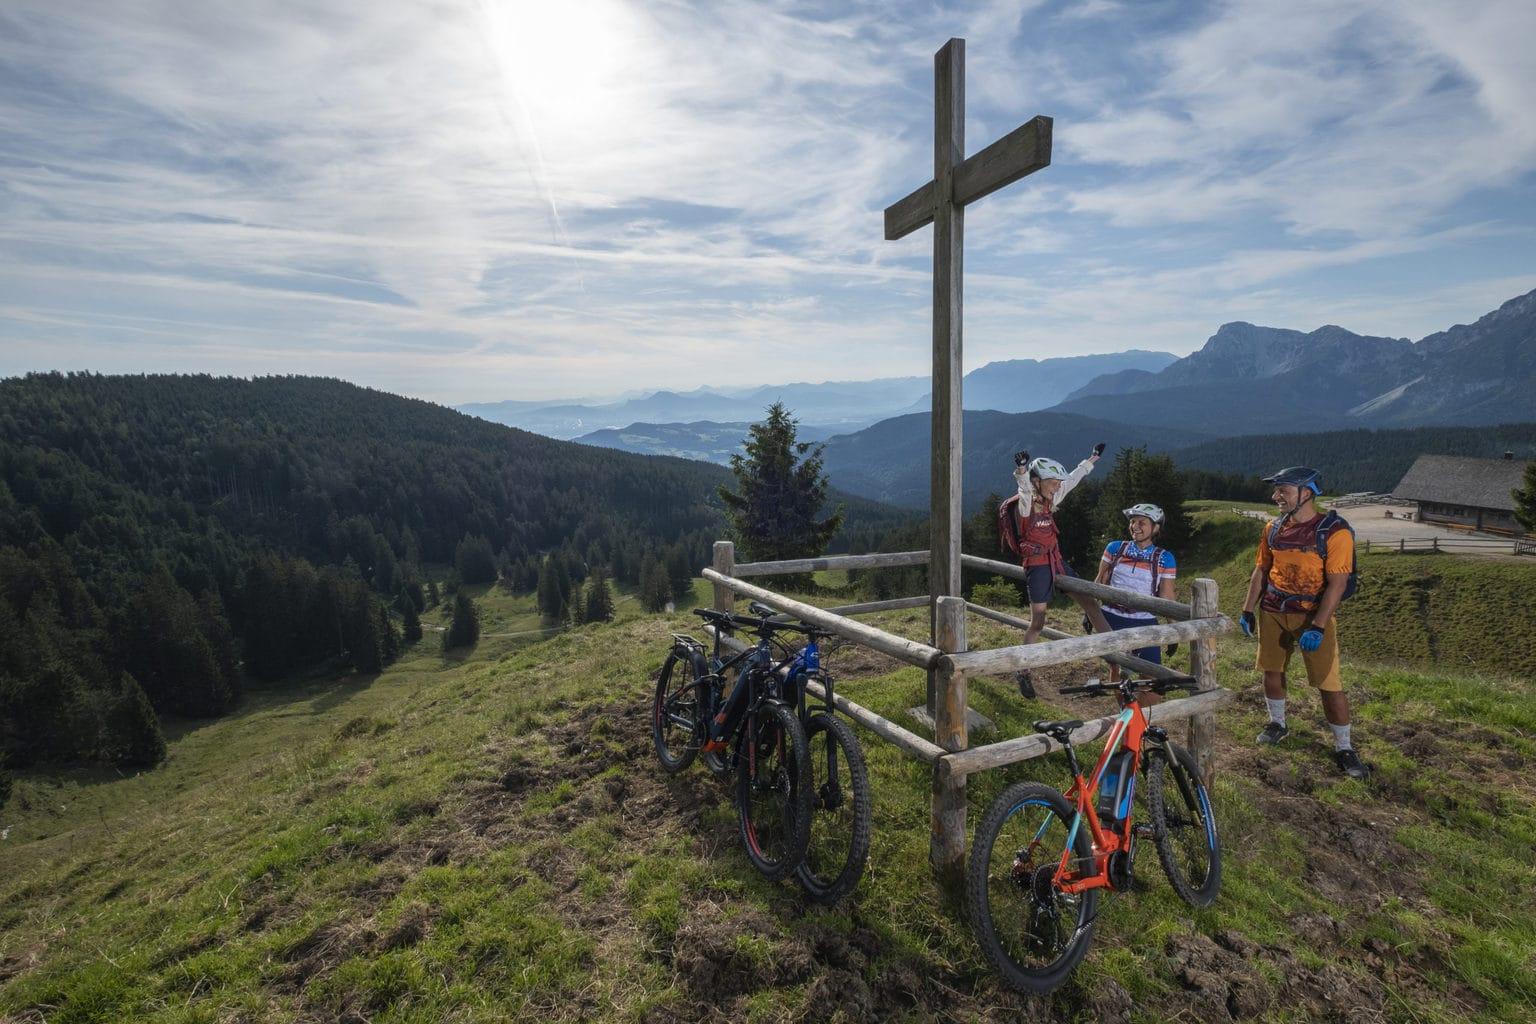 Doel bereikt na een mountainbiketocht in de Chiemgau